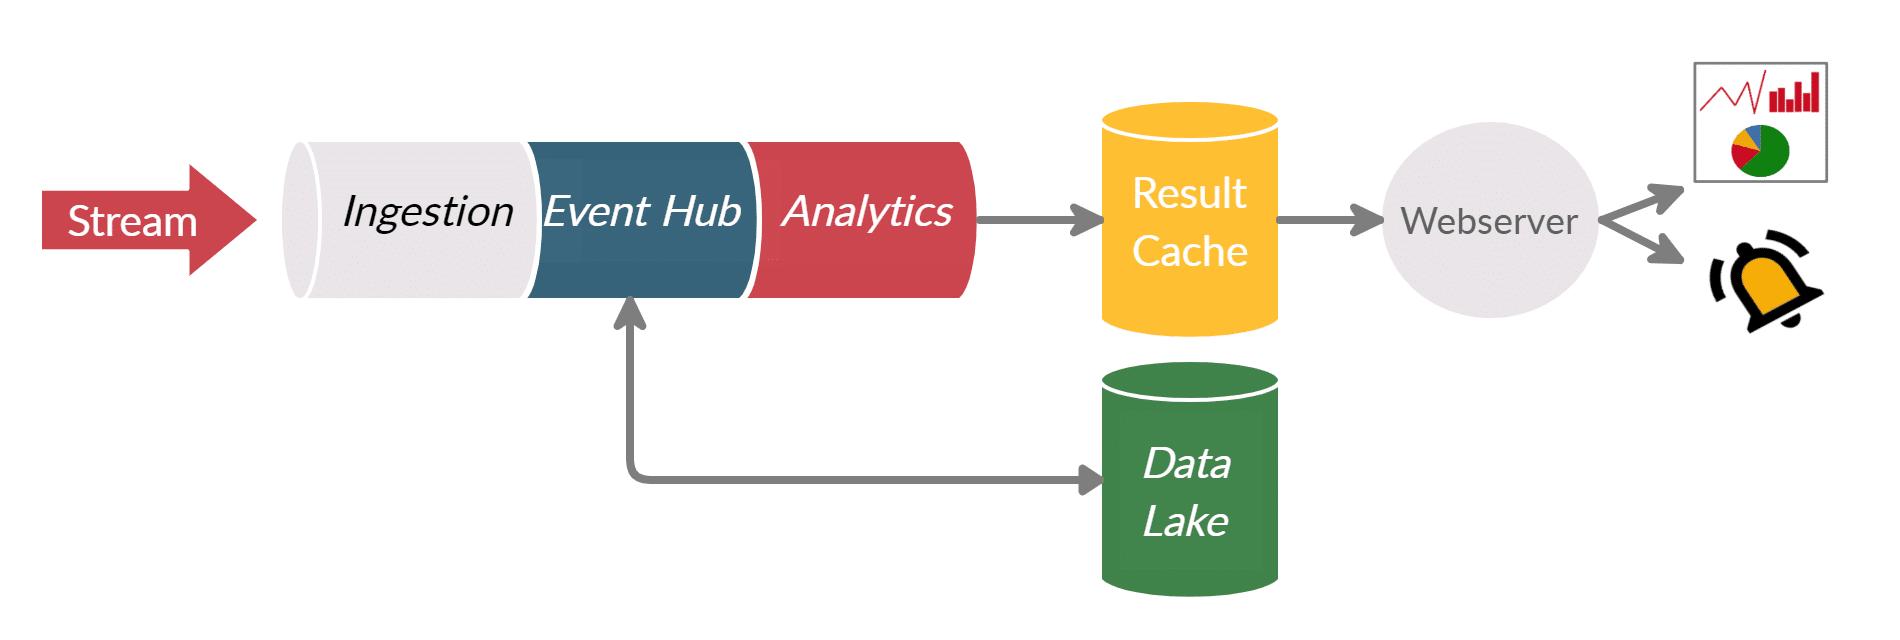 Architekturvariante für eine Stream Analytics Pipeline